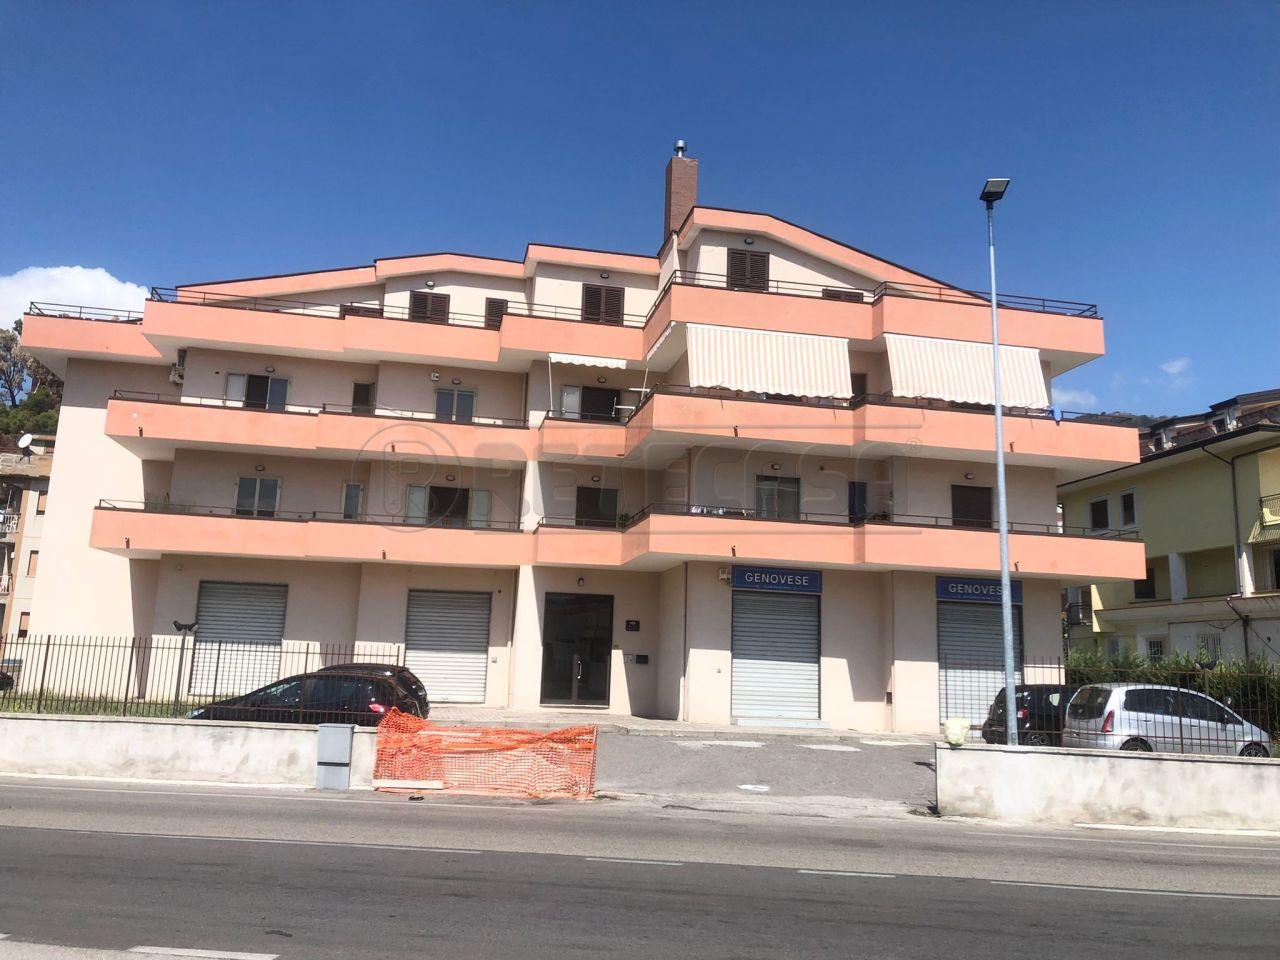 Appartamento in vendita a Castel San Giorgio, 4 locali, Trattative riservate | CambioCasa.it